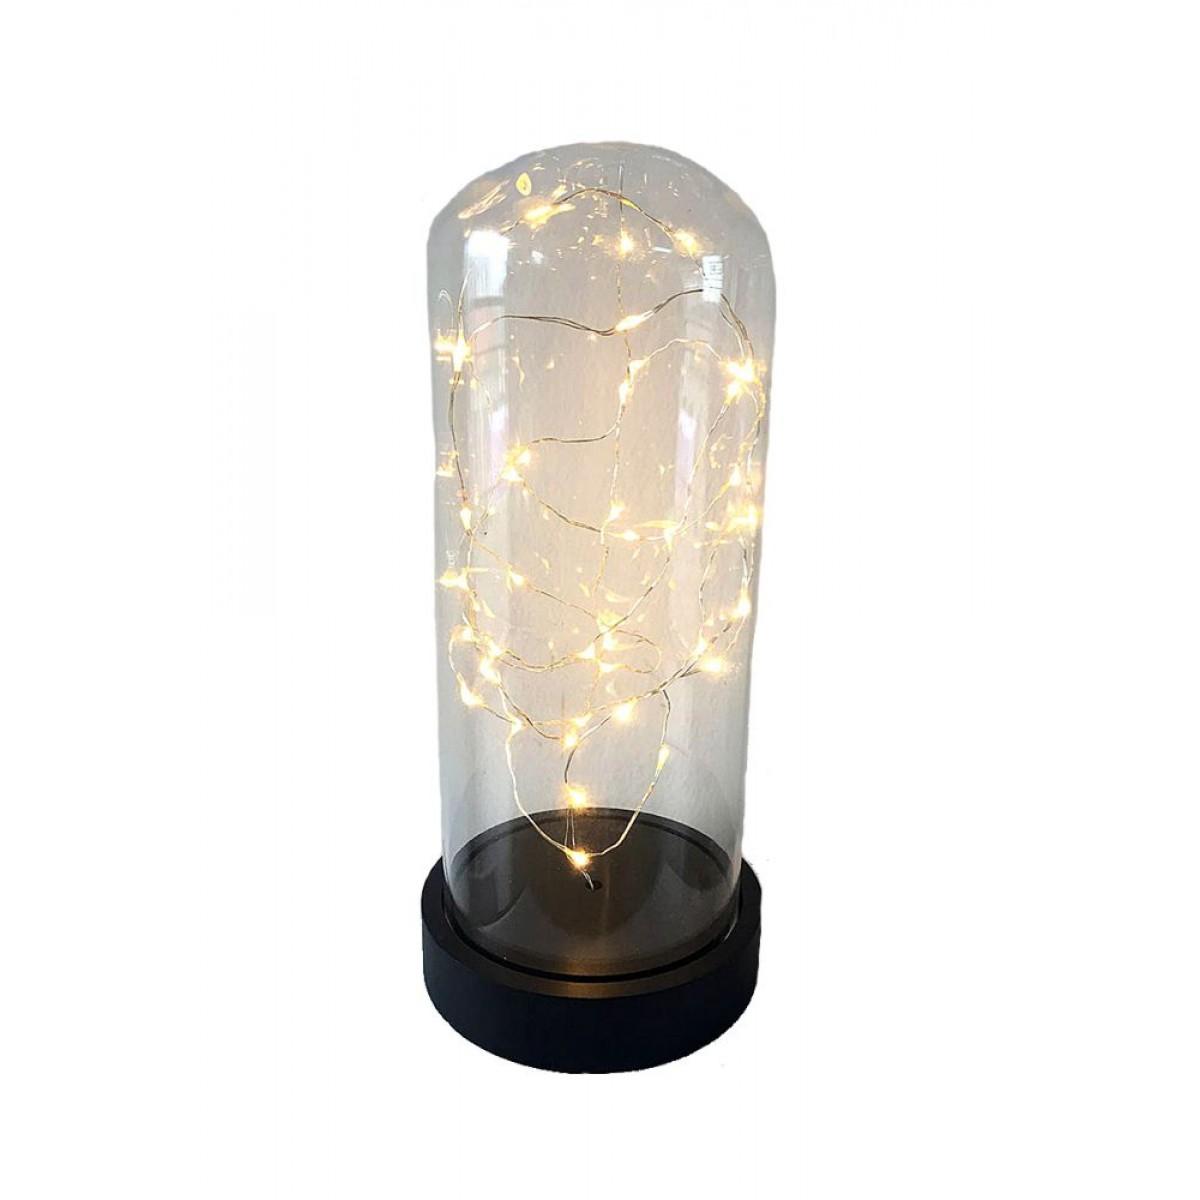 CONZEPT glaskuppel 26 cm. 40 LED